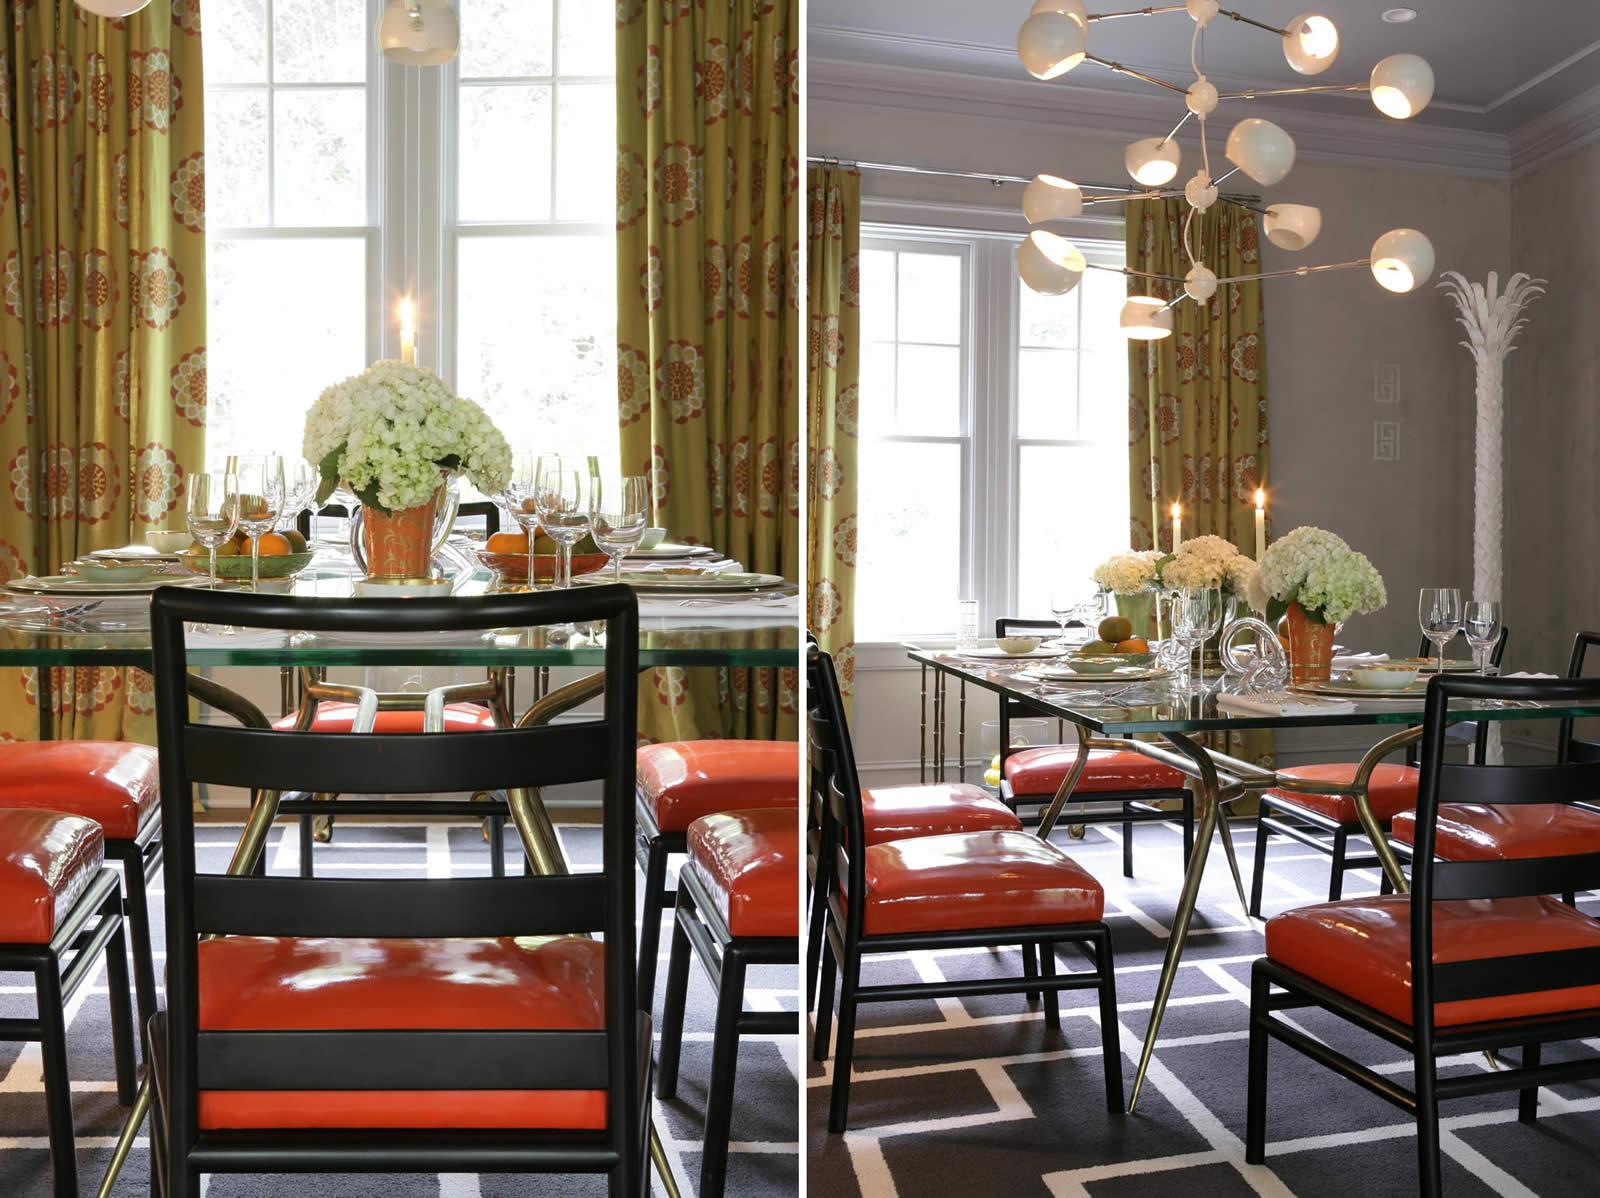 06_Hamptons_Dining_Room_7-10.jpg